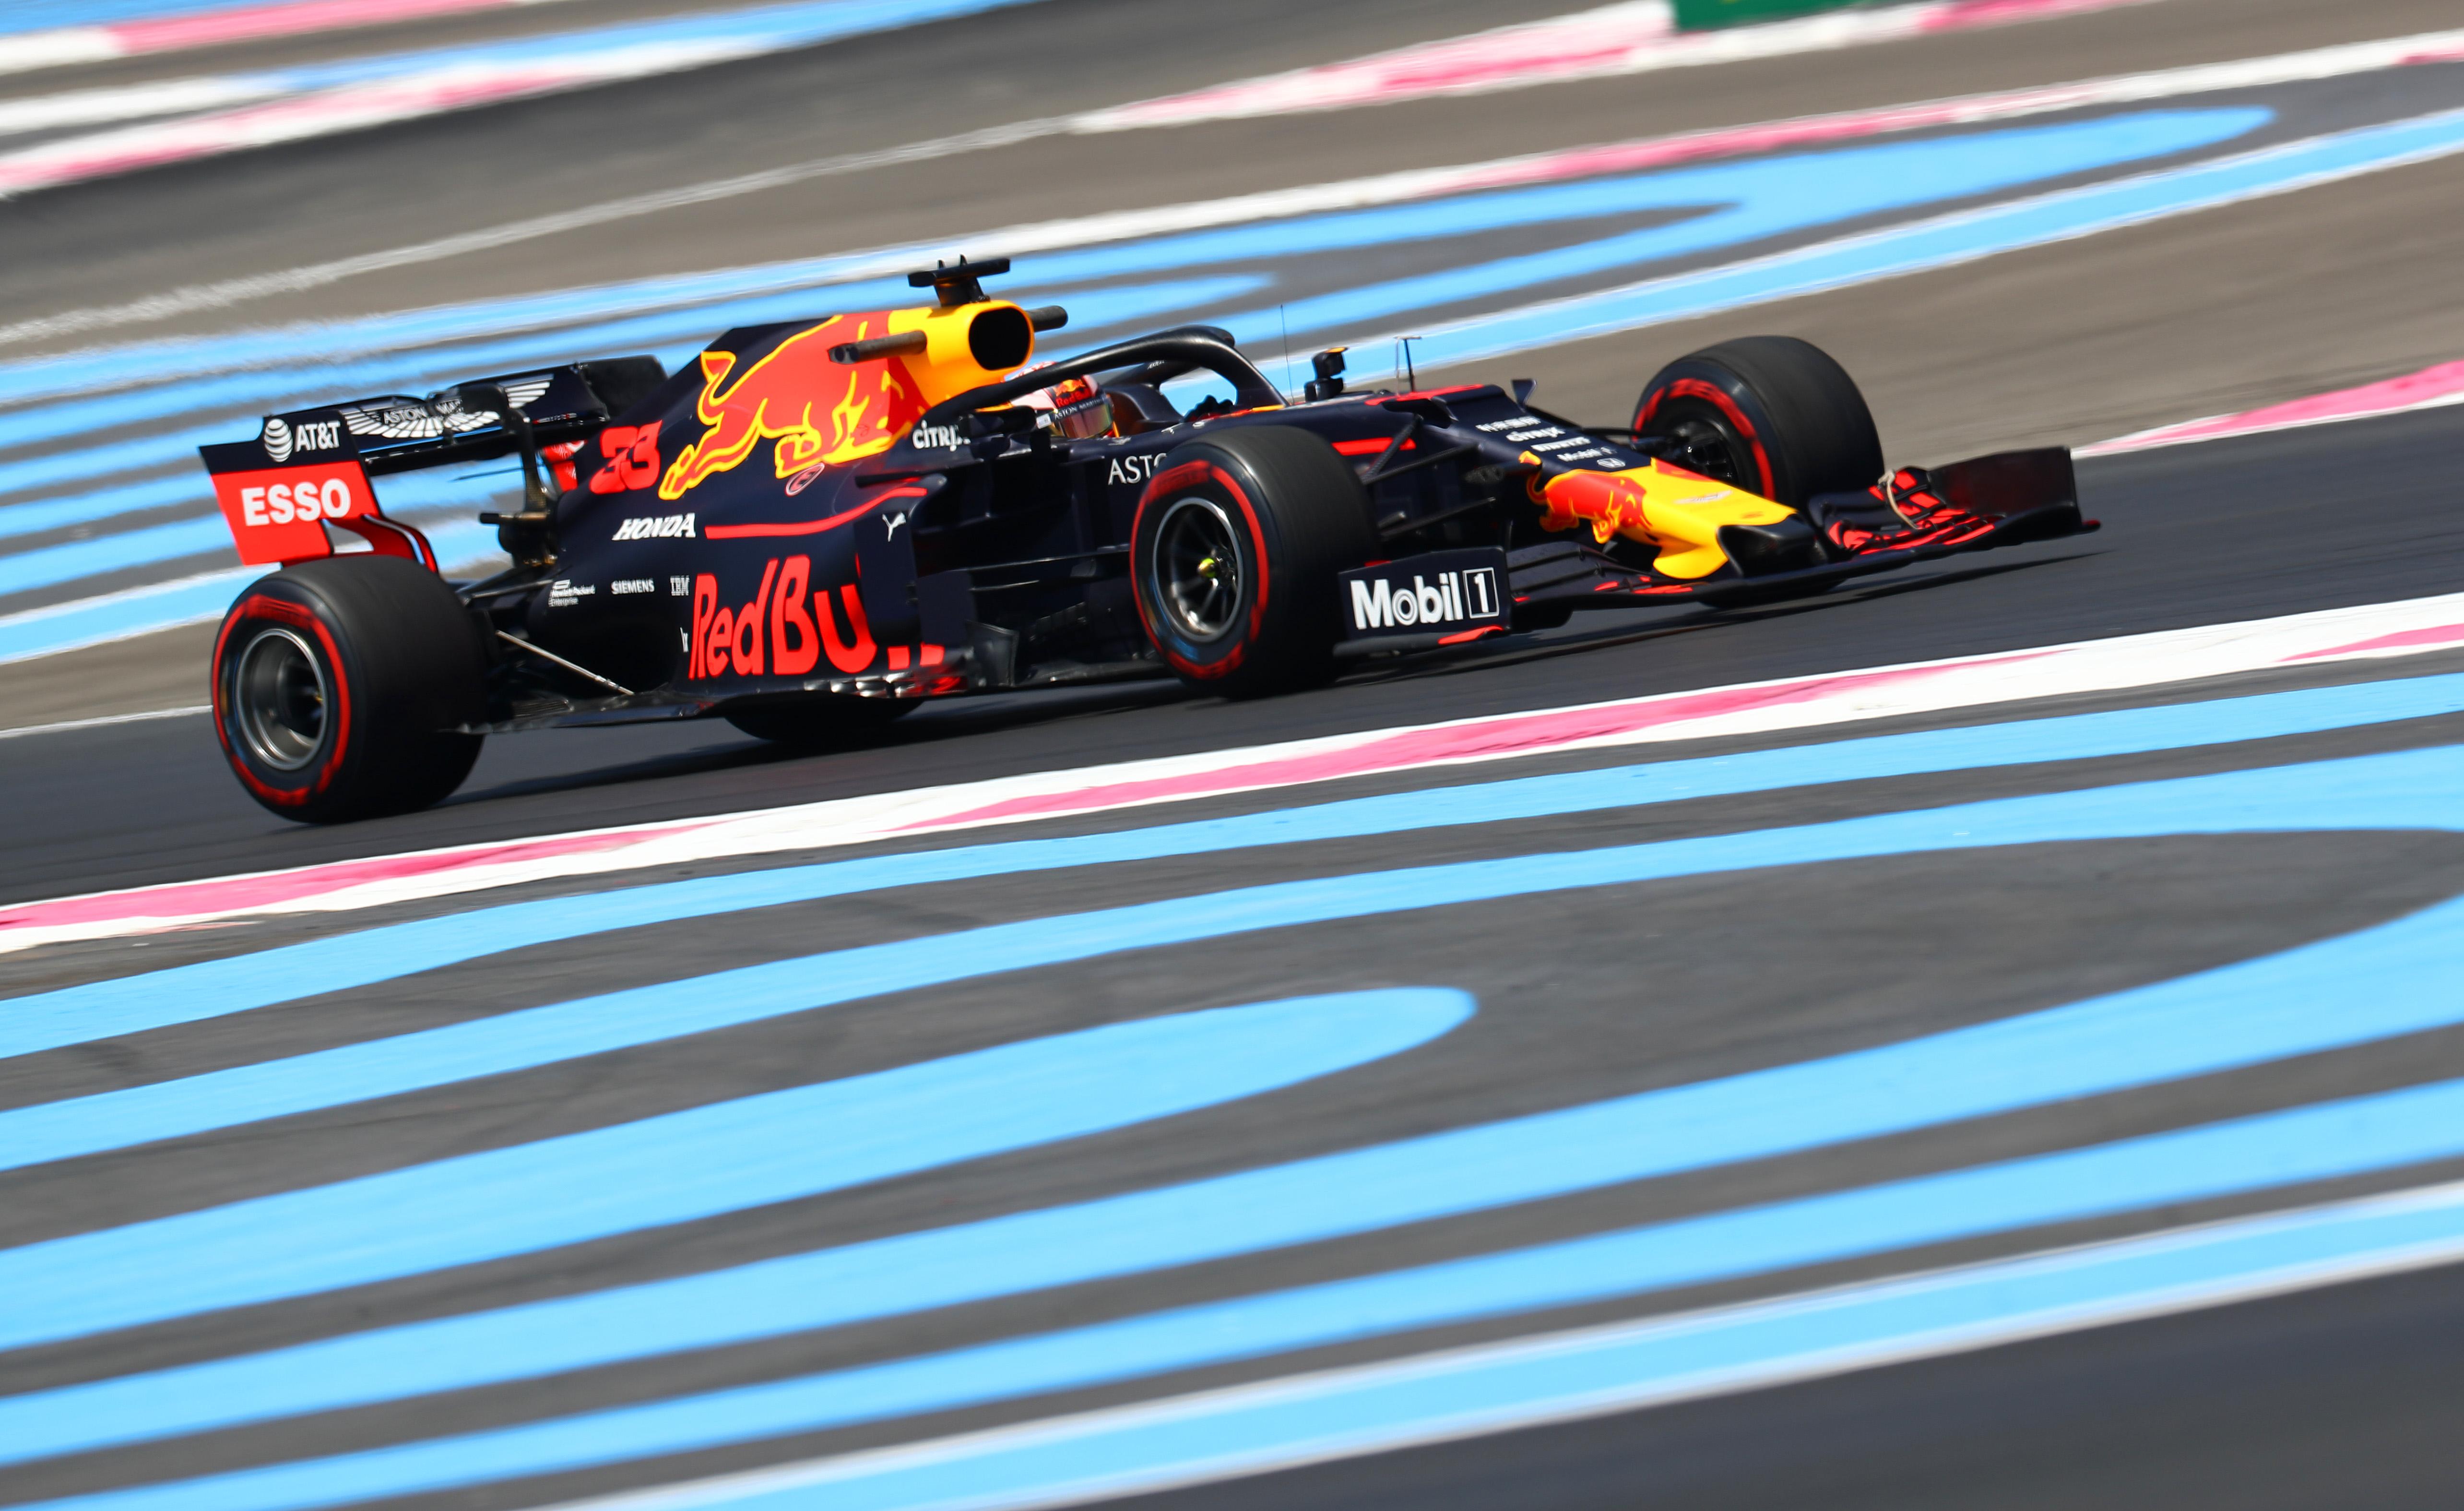 Max Verstappen vierde in Grand Prix van Frankrijk: